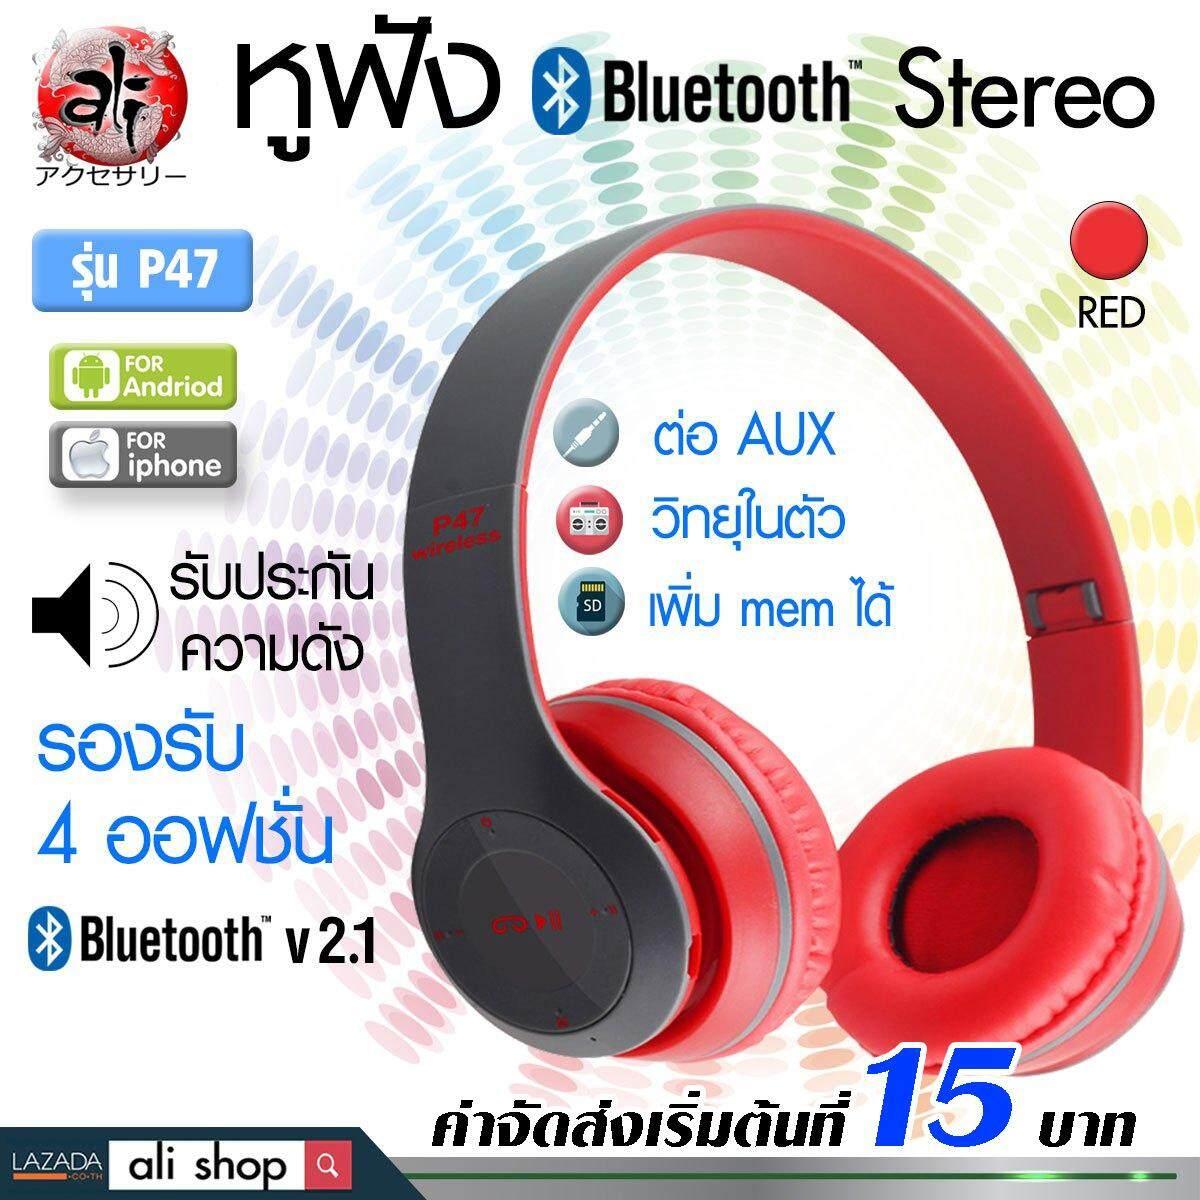 ถามผู้ที่ใช้  ราคาสุดช๊อค!!! ali หูฟังบลูทูธ หูฟังBluetooth หูฟังไร้สายHeadphone Stereo รุ่น P47. ซื้อที่ไหน